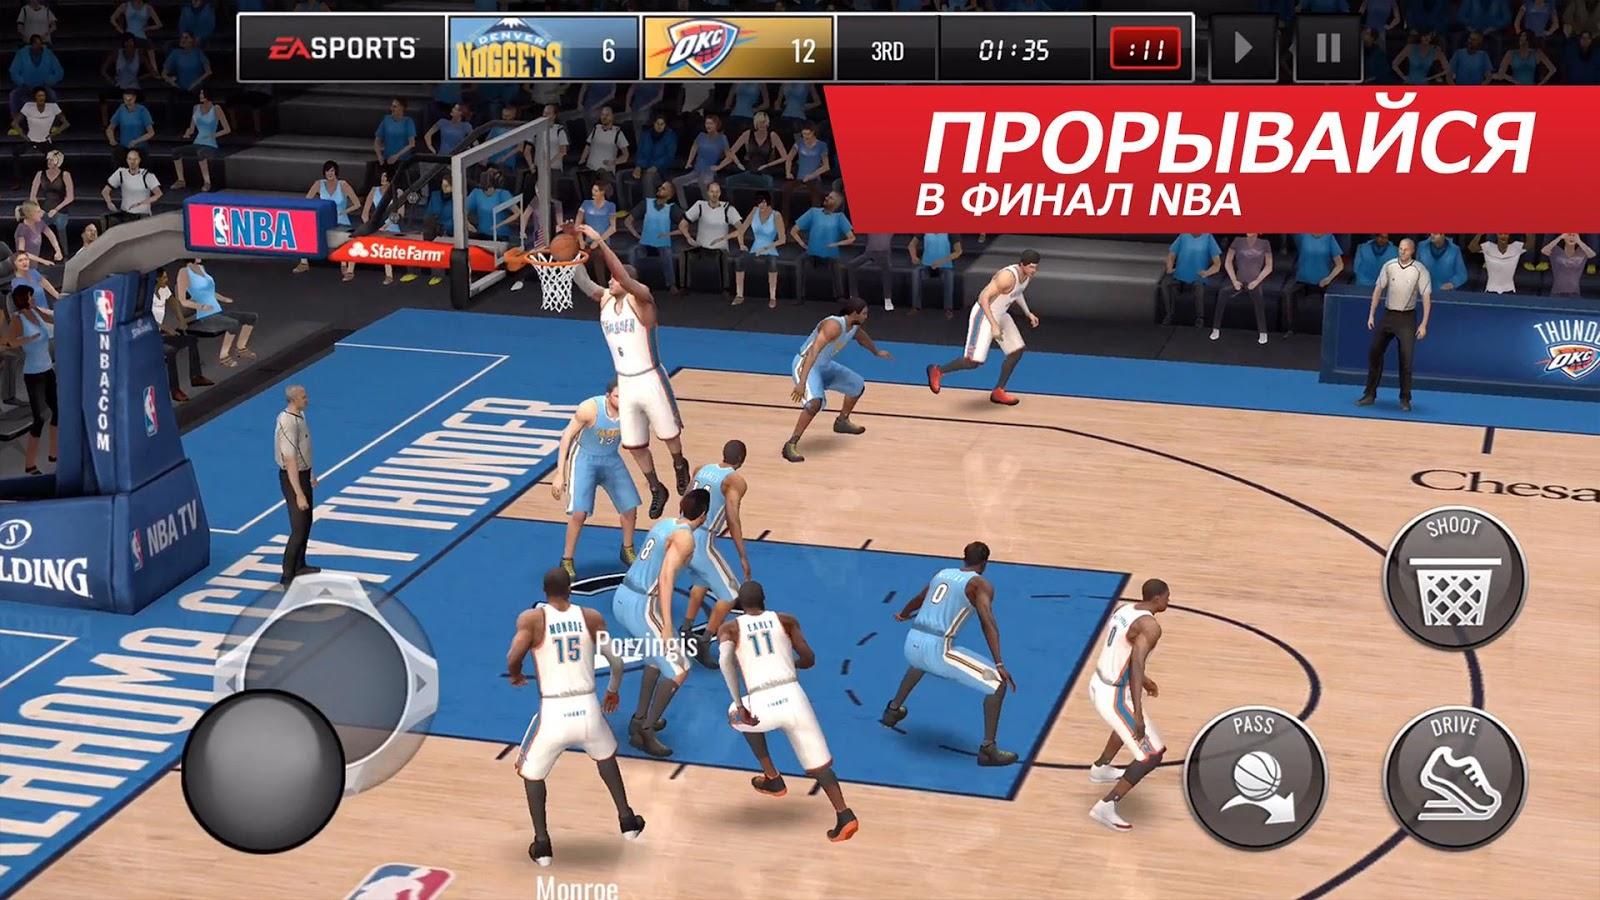 баскетбол ливе